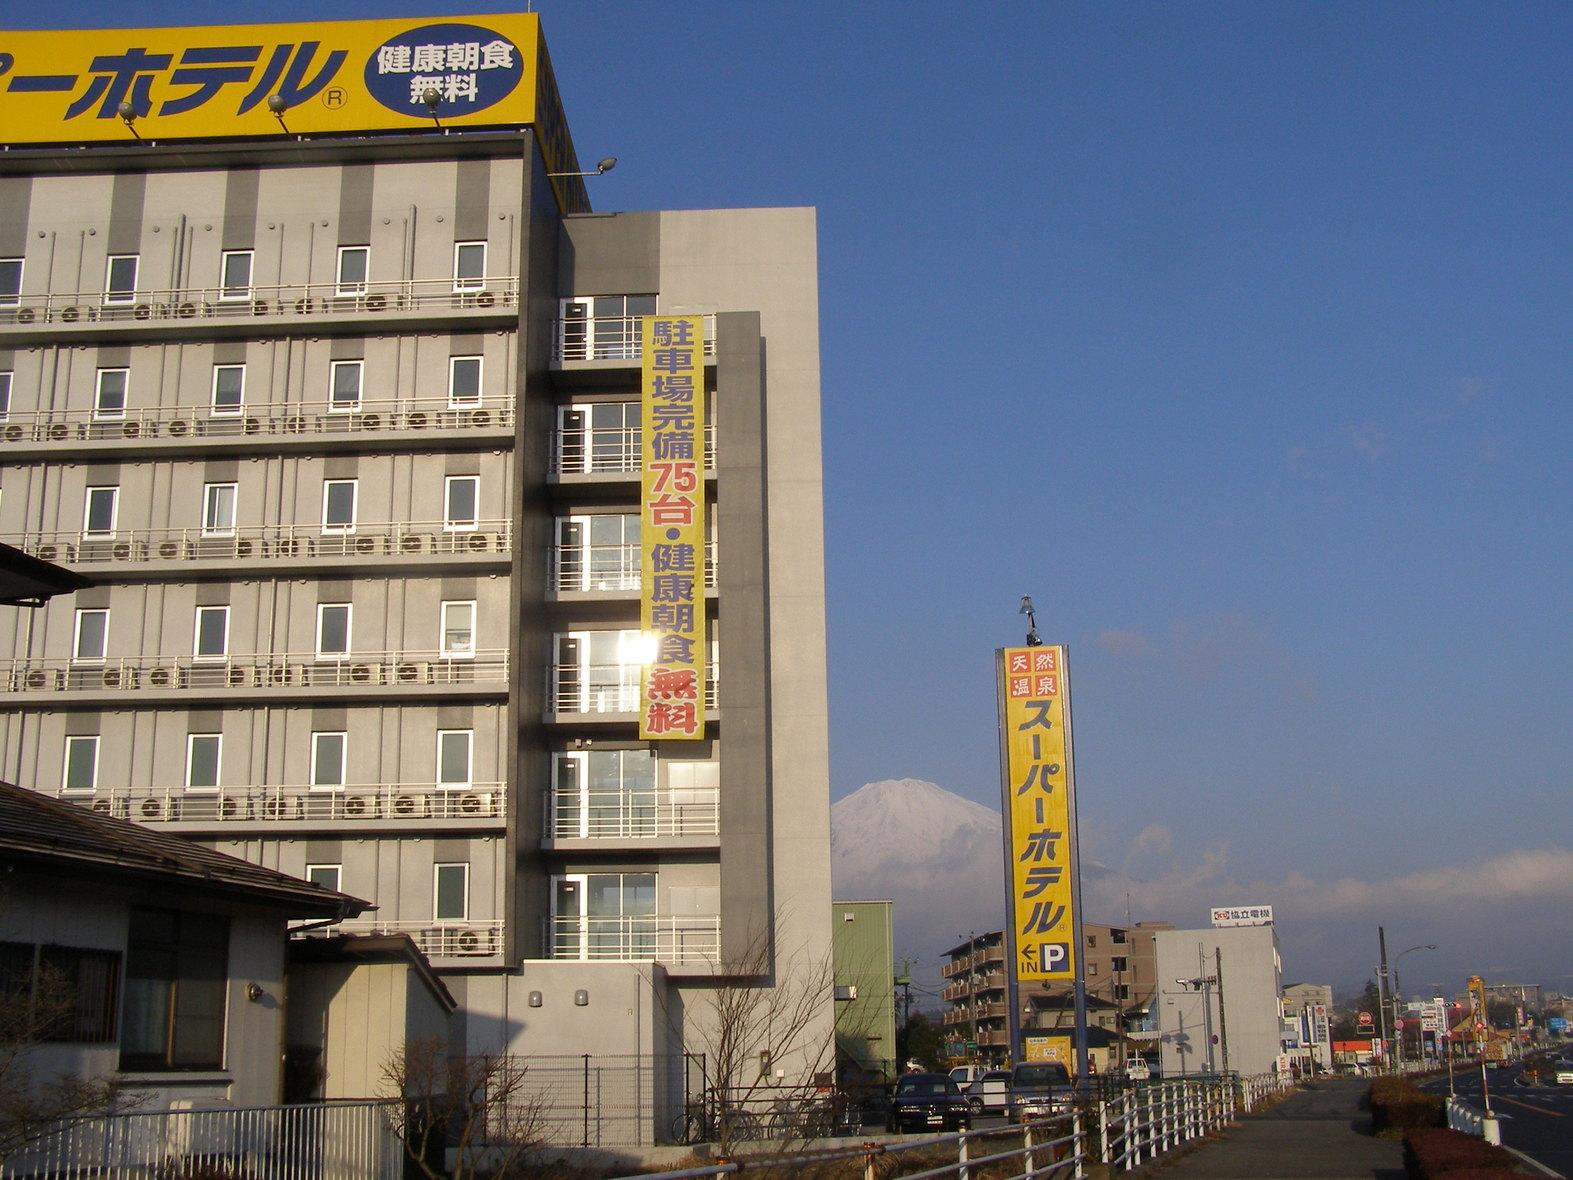 スーパーホテル 御殿場1号館